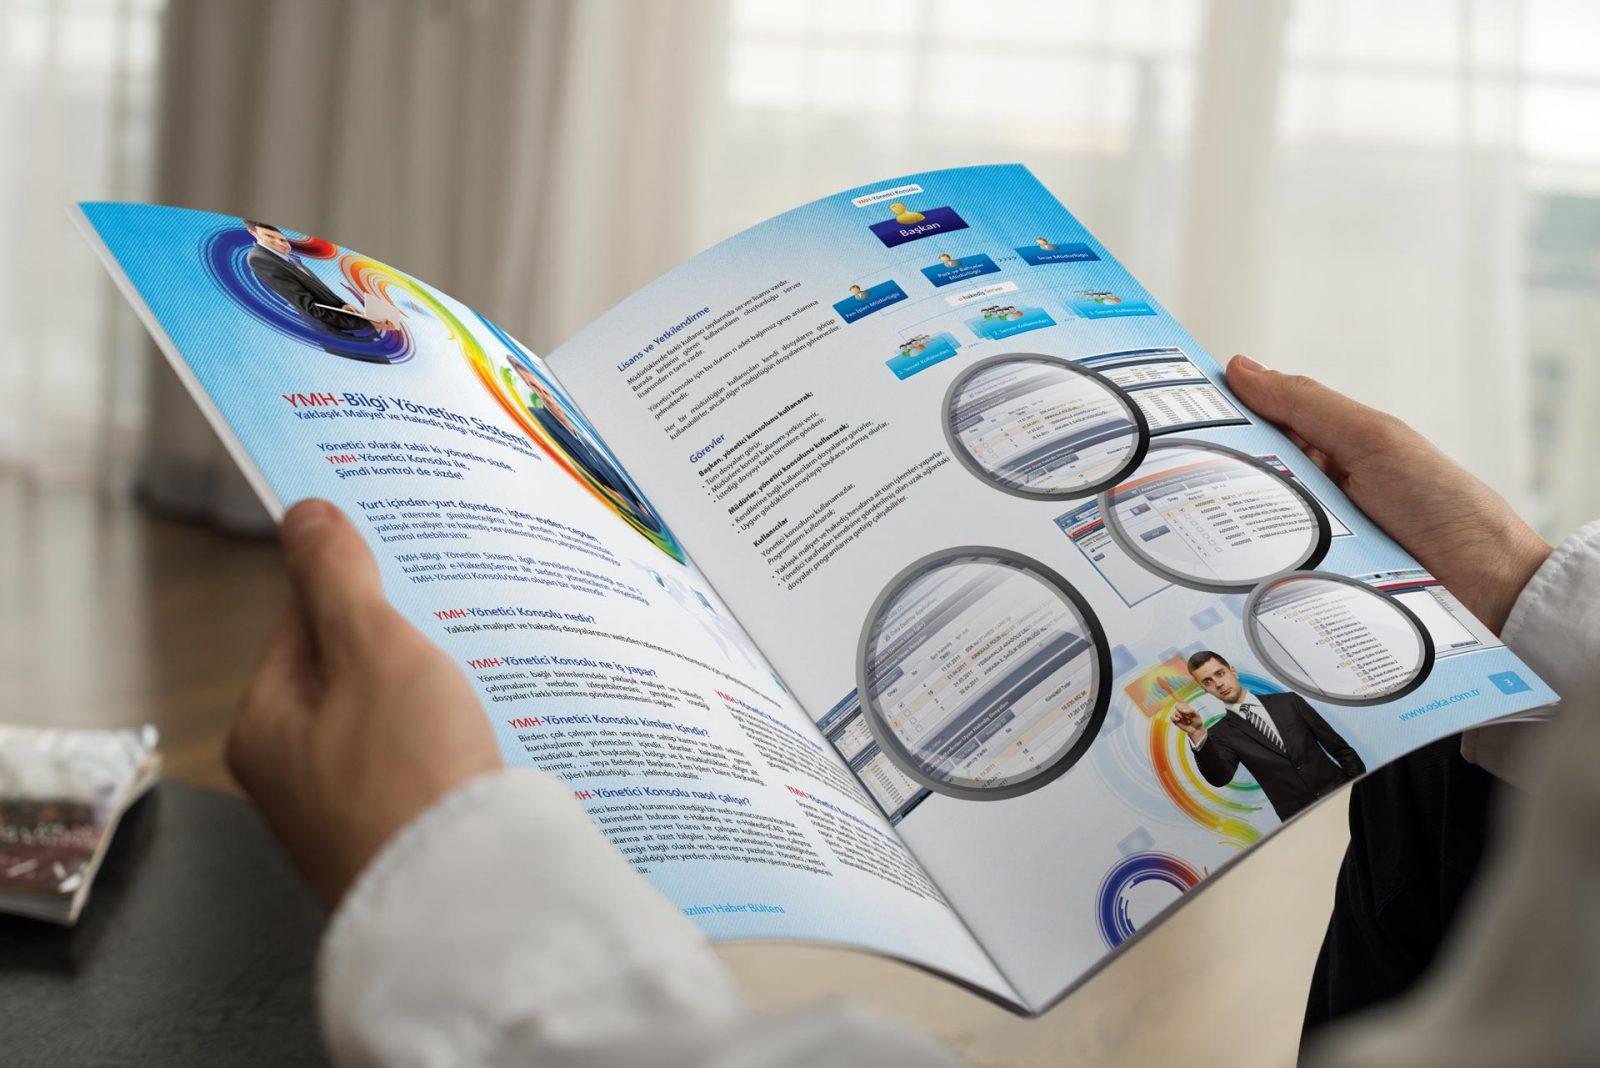 oska basılı bülten tasarımı eylül 2011 02